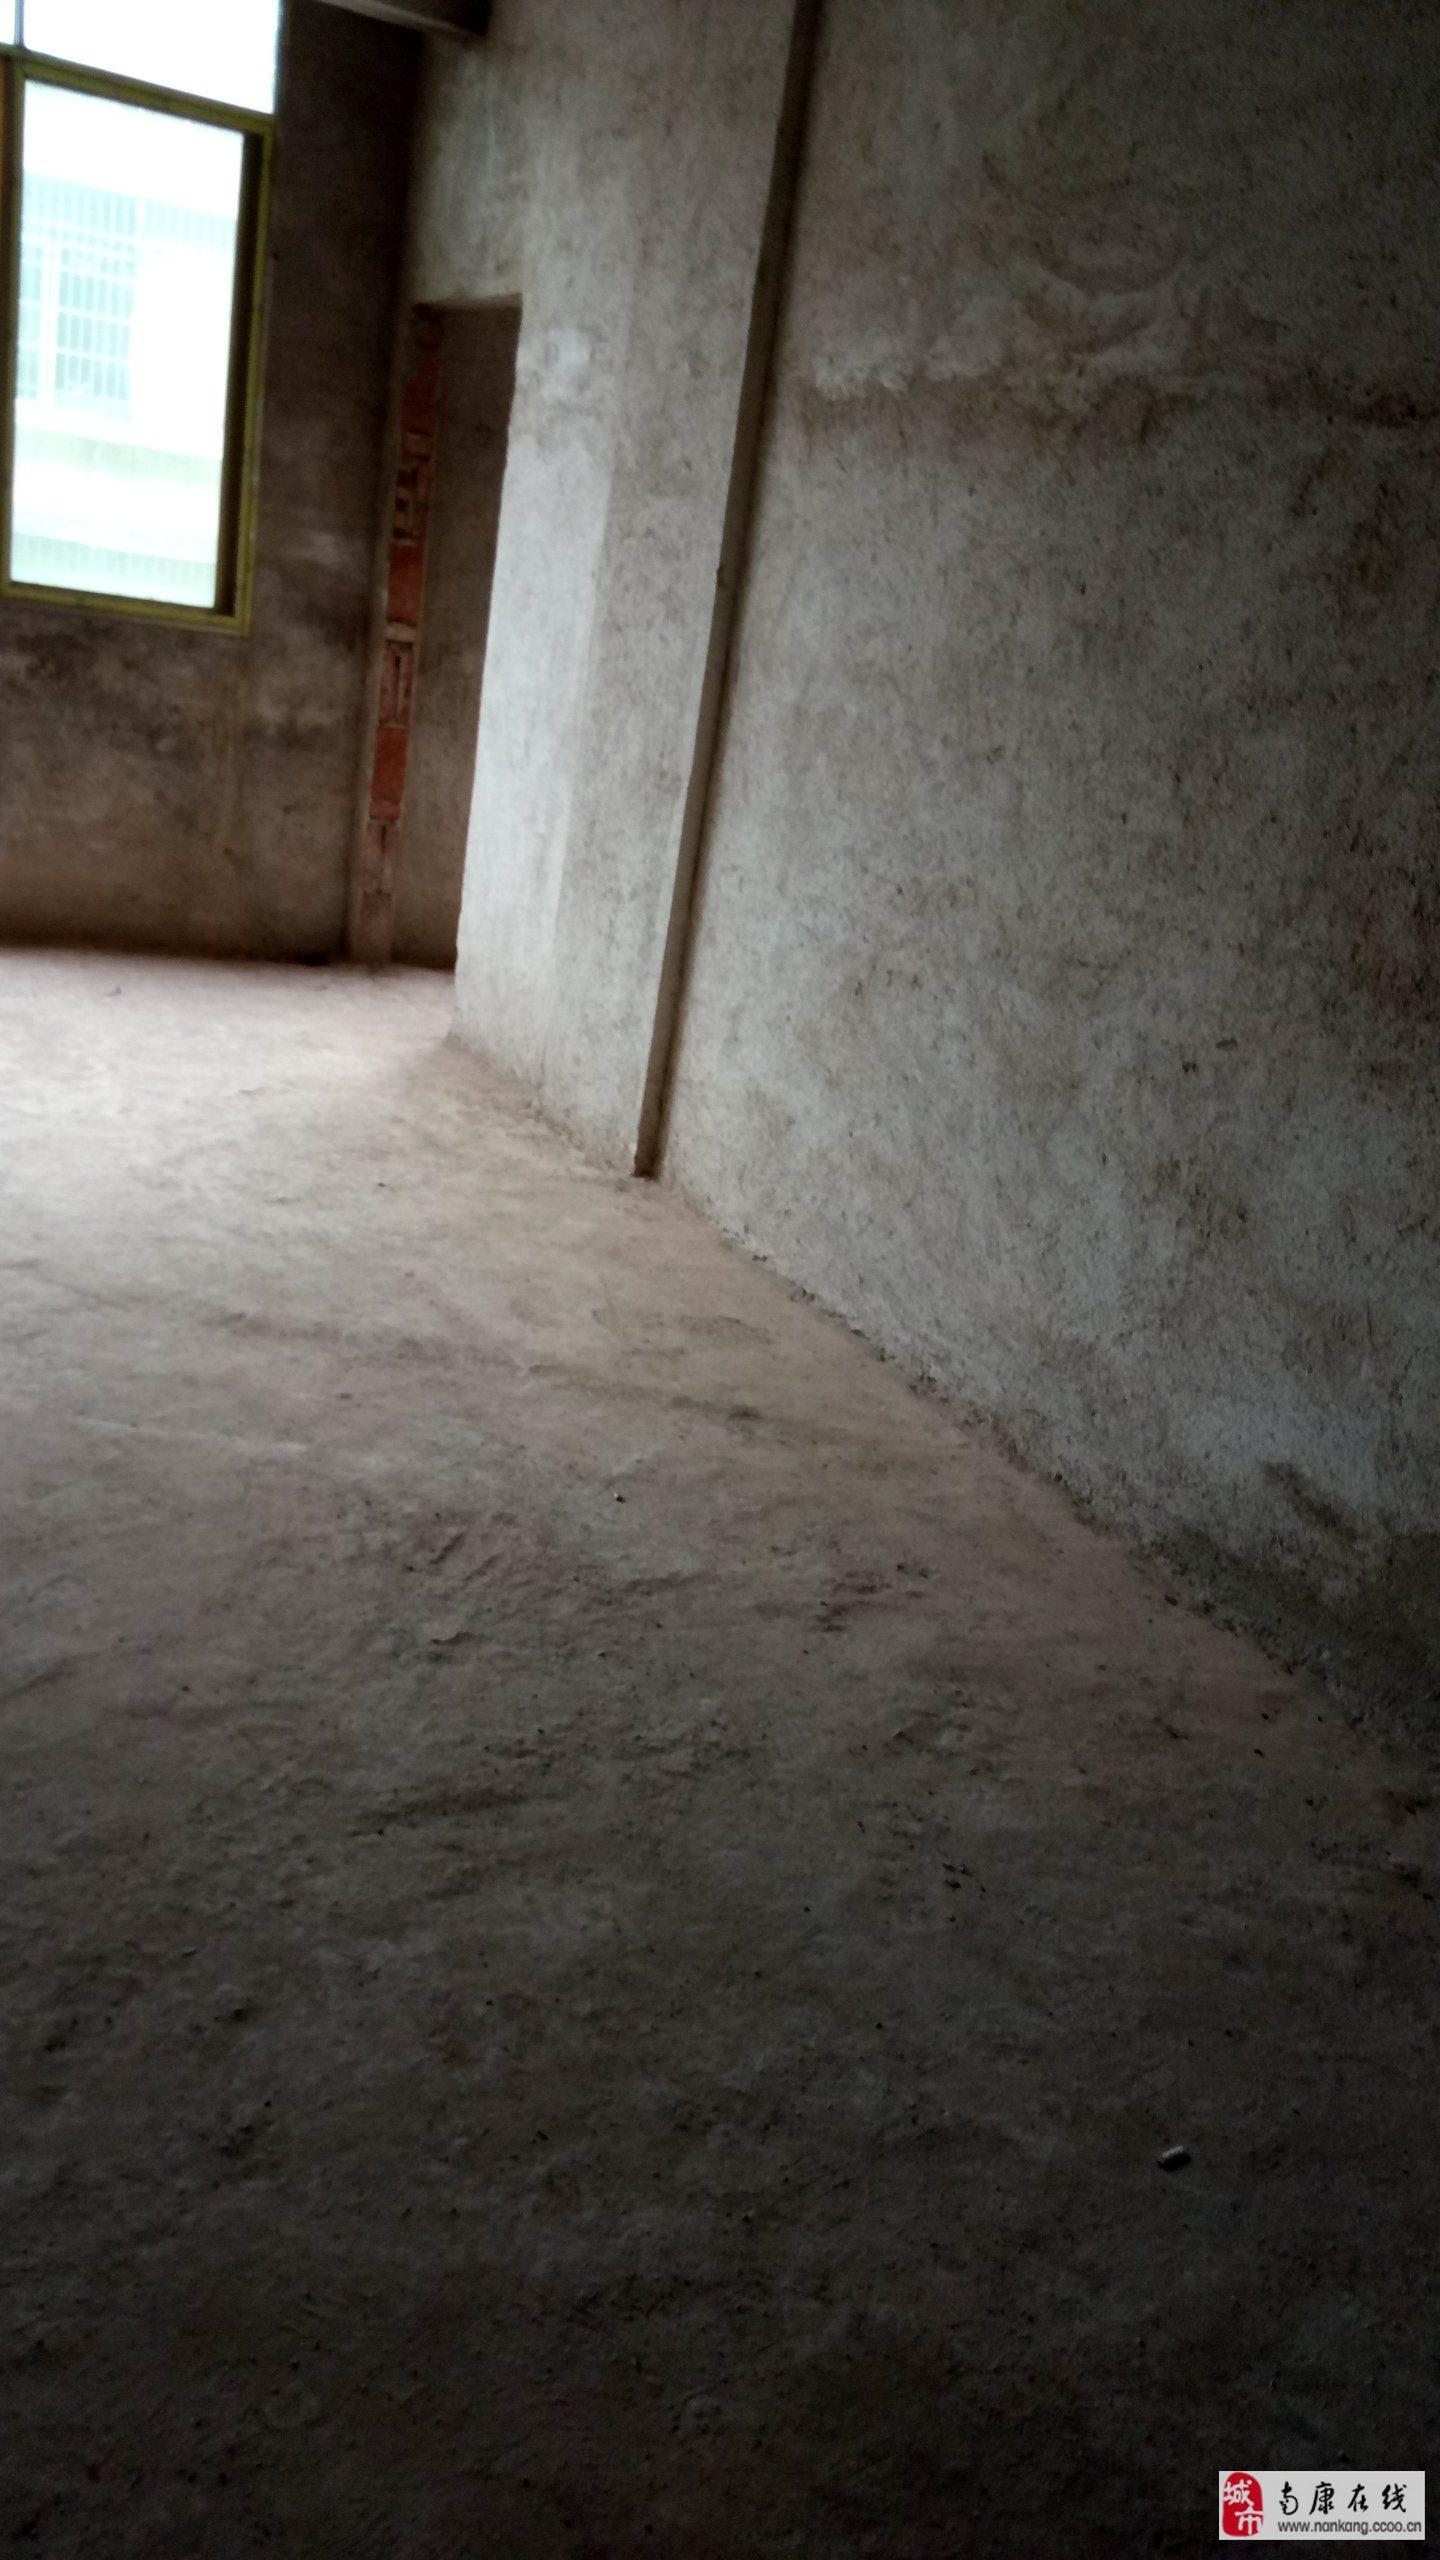 卡洛島安置點毛坯超低價2室2廳2衛18.8萬元